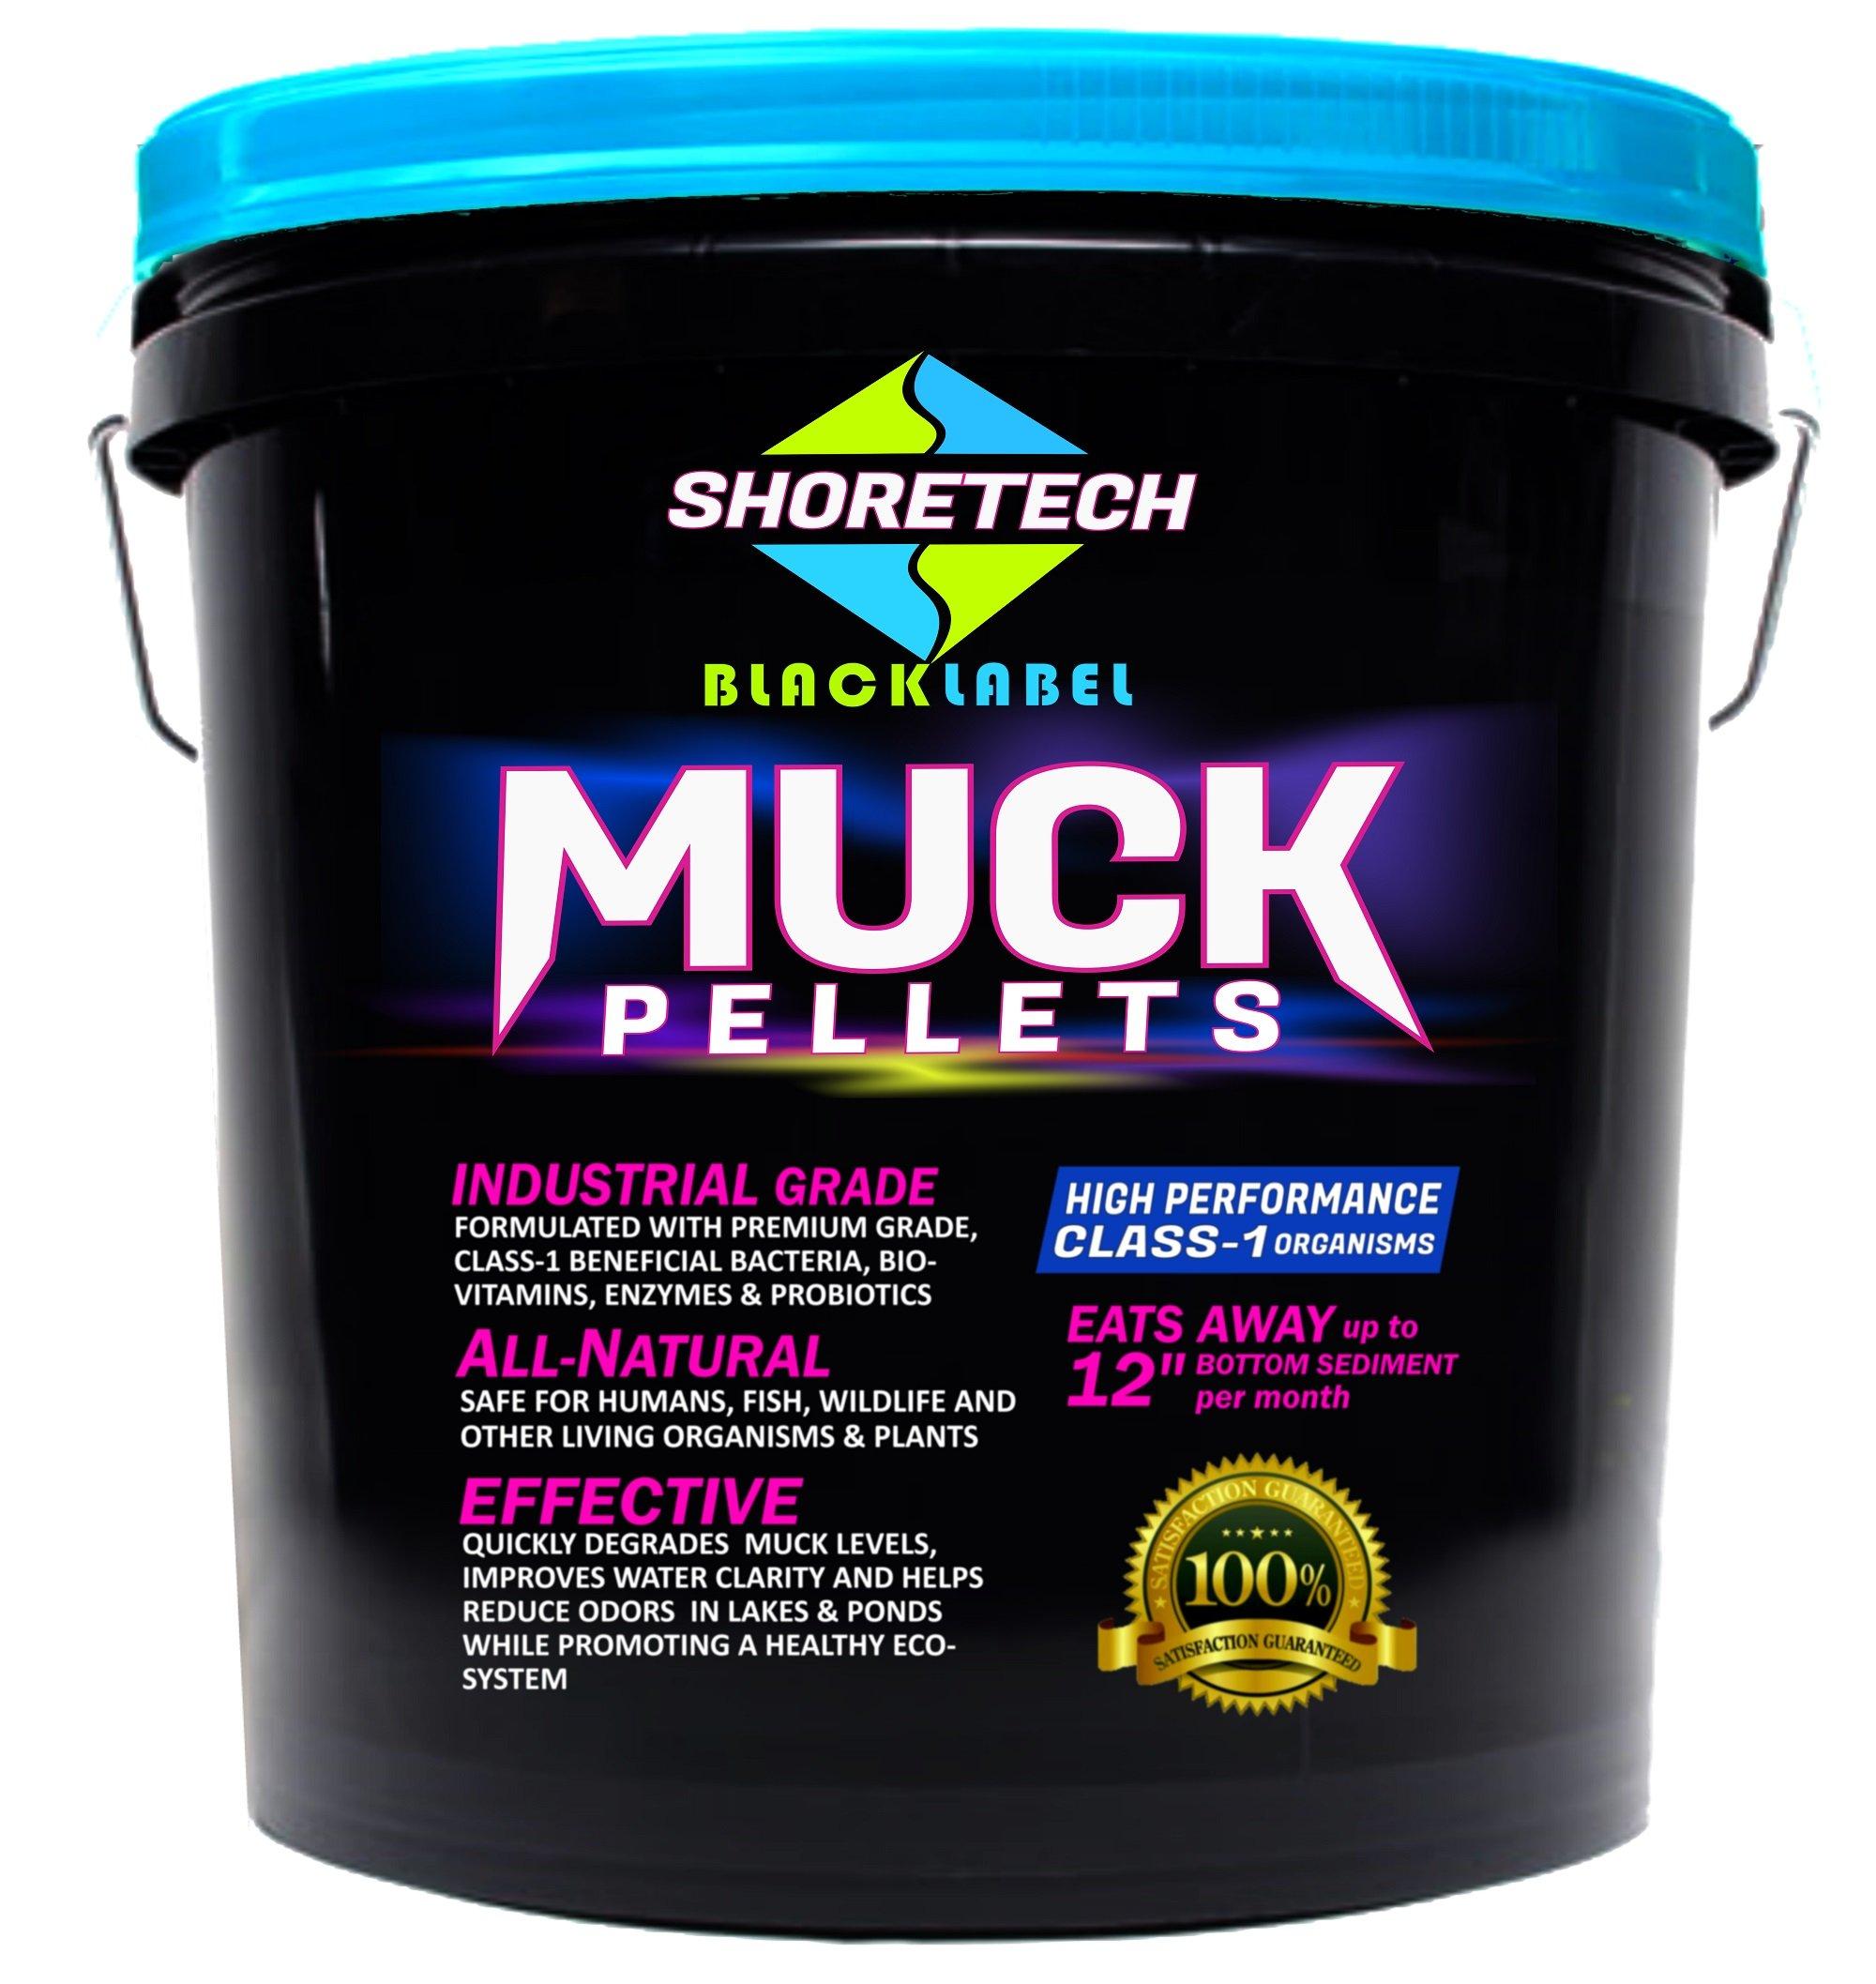 Black Label MUCK Pellets Commercial Grade Class-1 Bacteria Enzymes Probiotics Bio-Vitamins (30 lb)